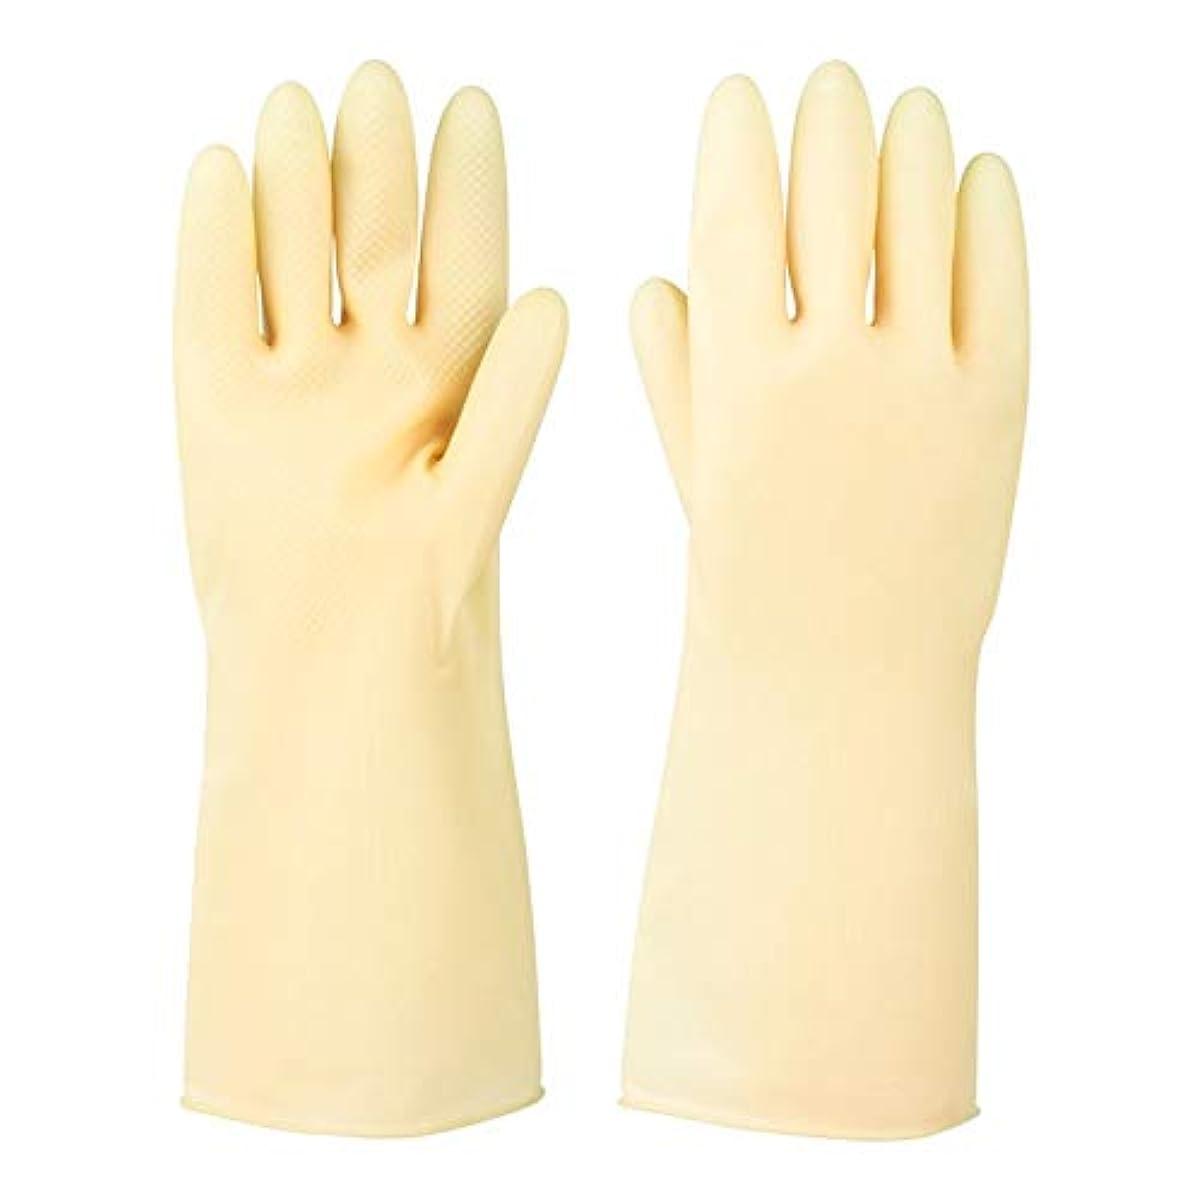 分配します冒険者既にニトリルゴム手袋 ラバーレザーグローブ厚めの滑り止め耐摩耗性防水保護手袋、5ペア 使い捨て手袋 (Color : 5 pair, Size : S)